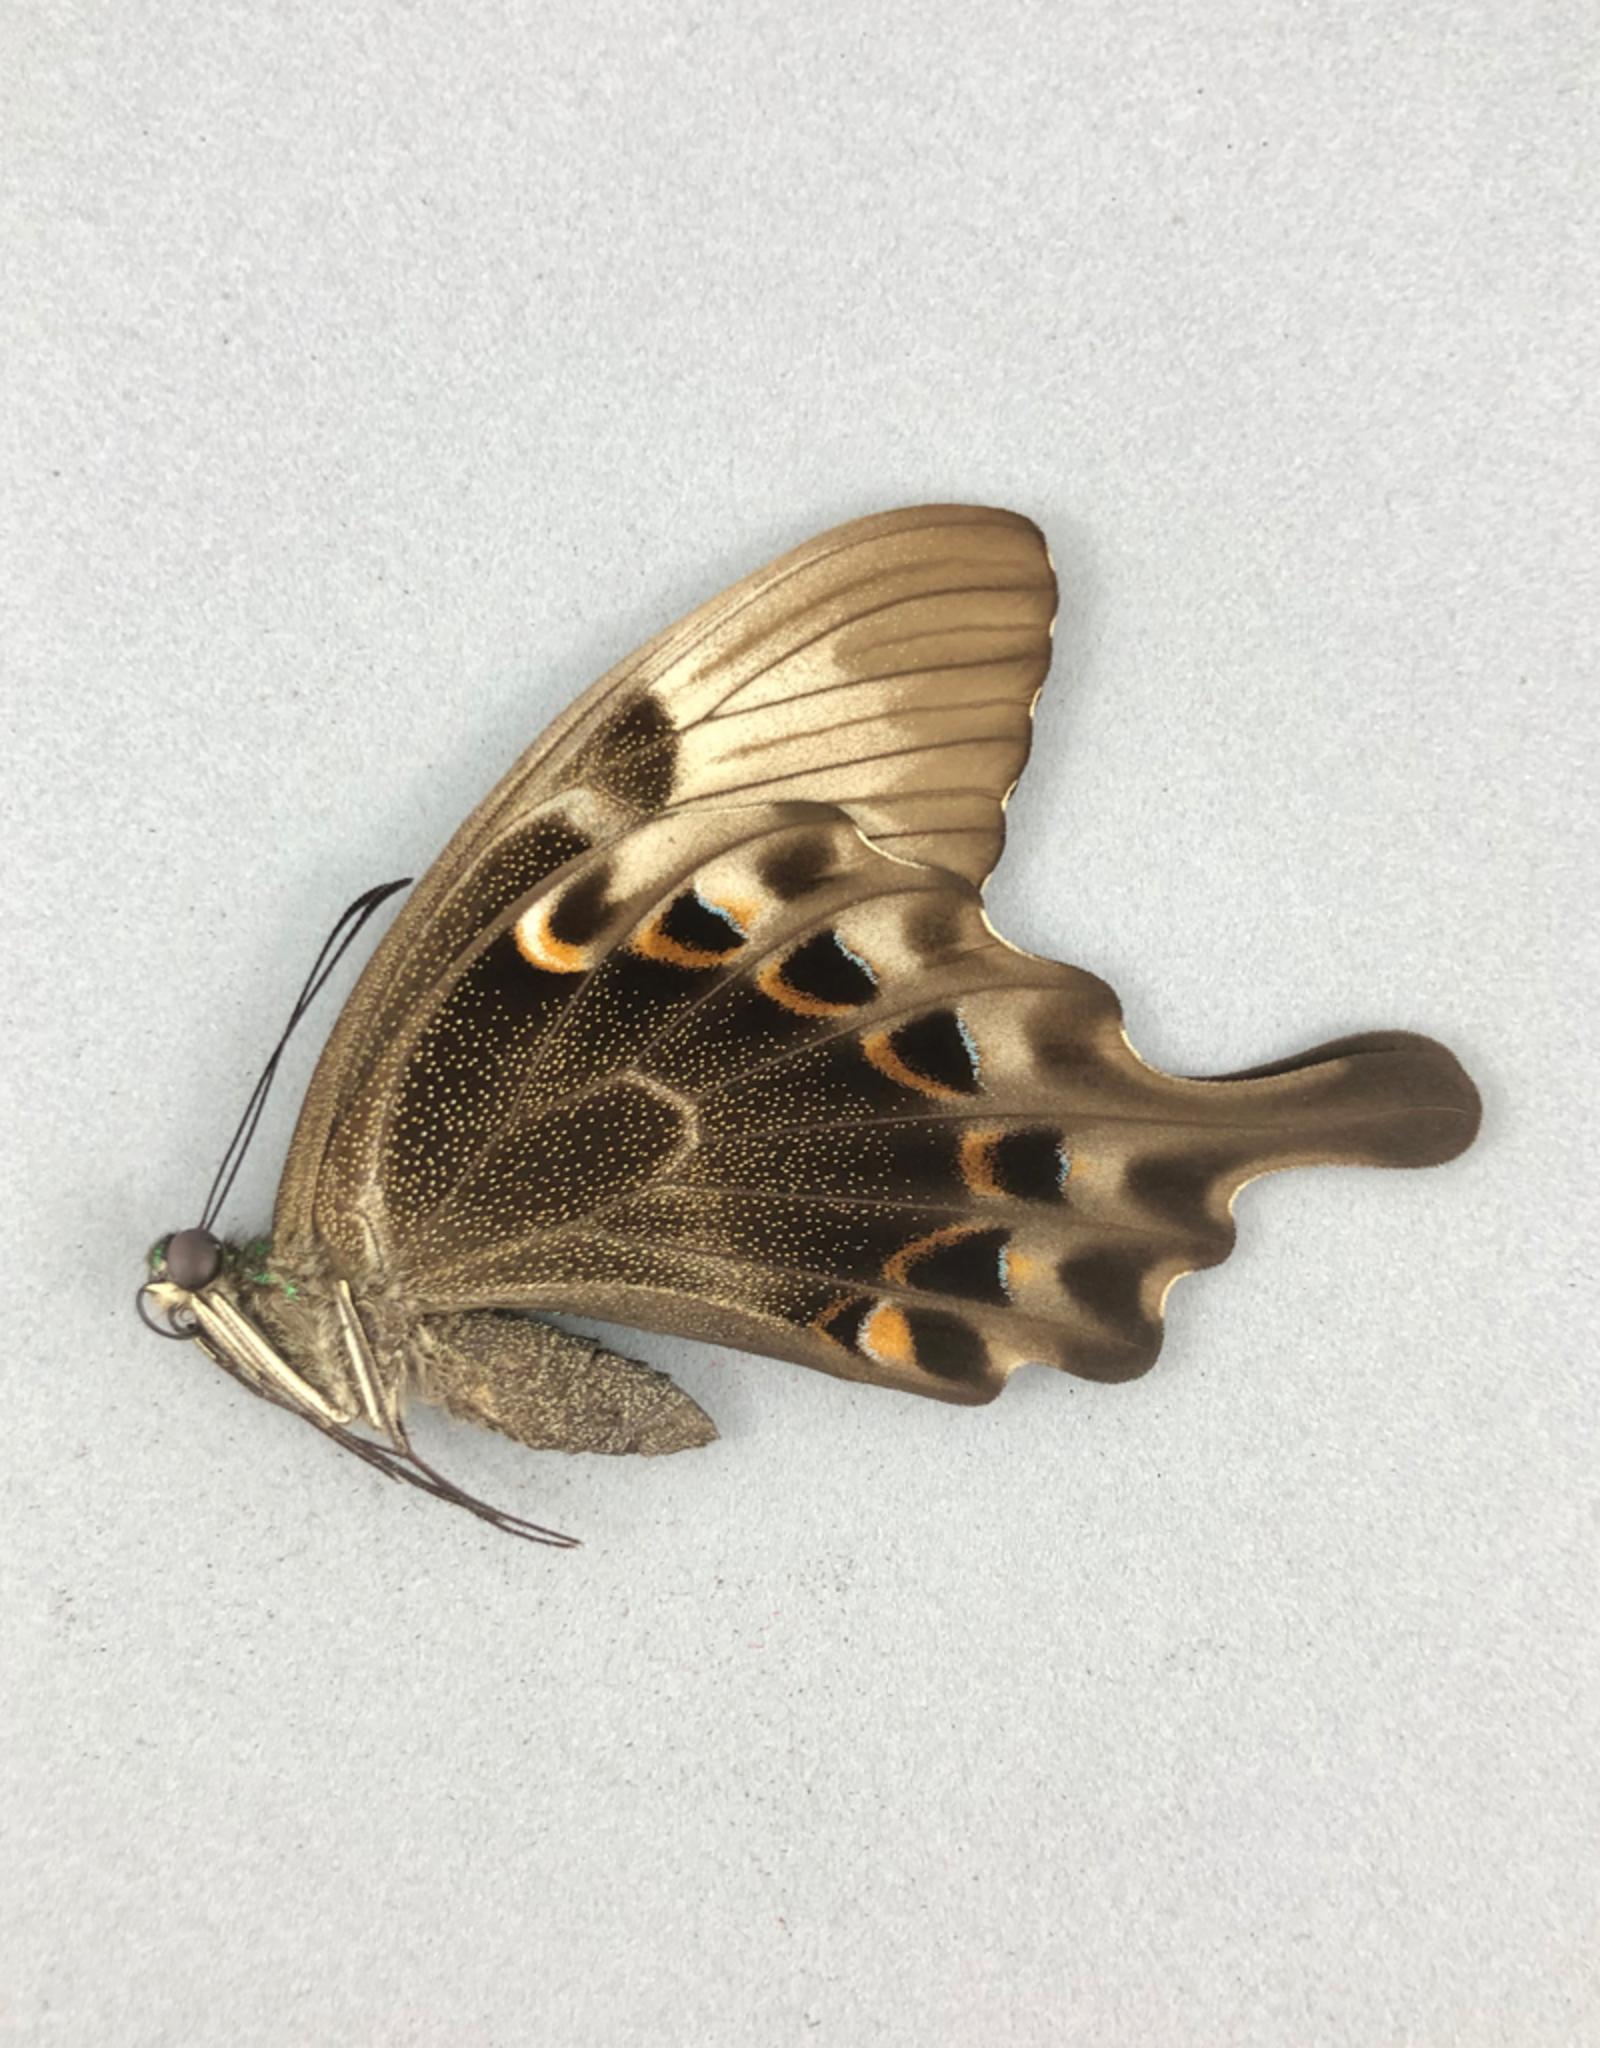 Papilio peranthus transiens M A1 Indonesia